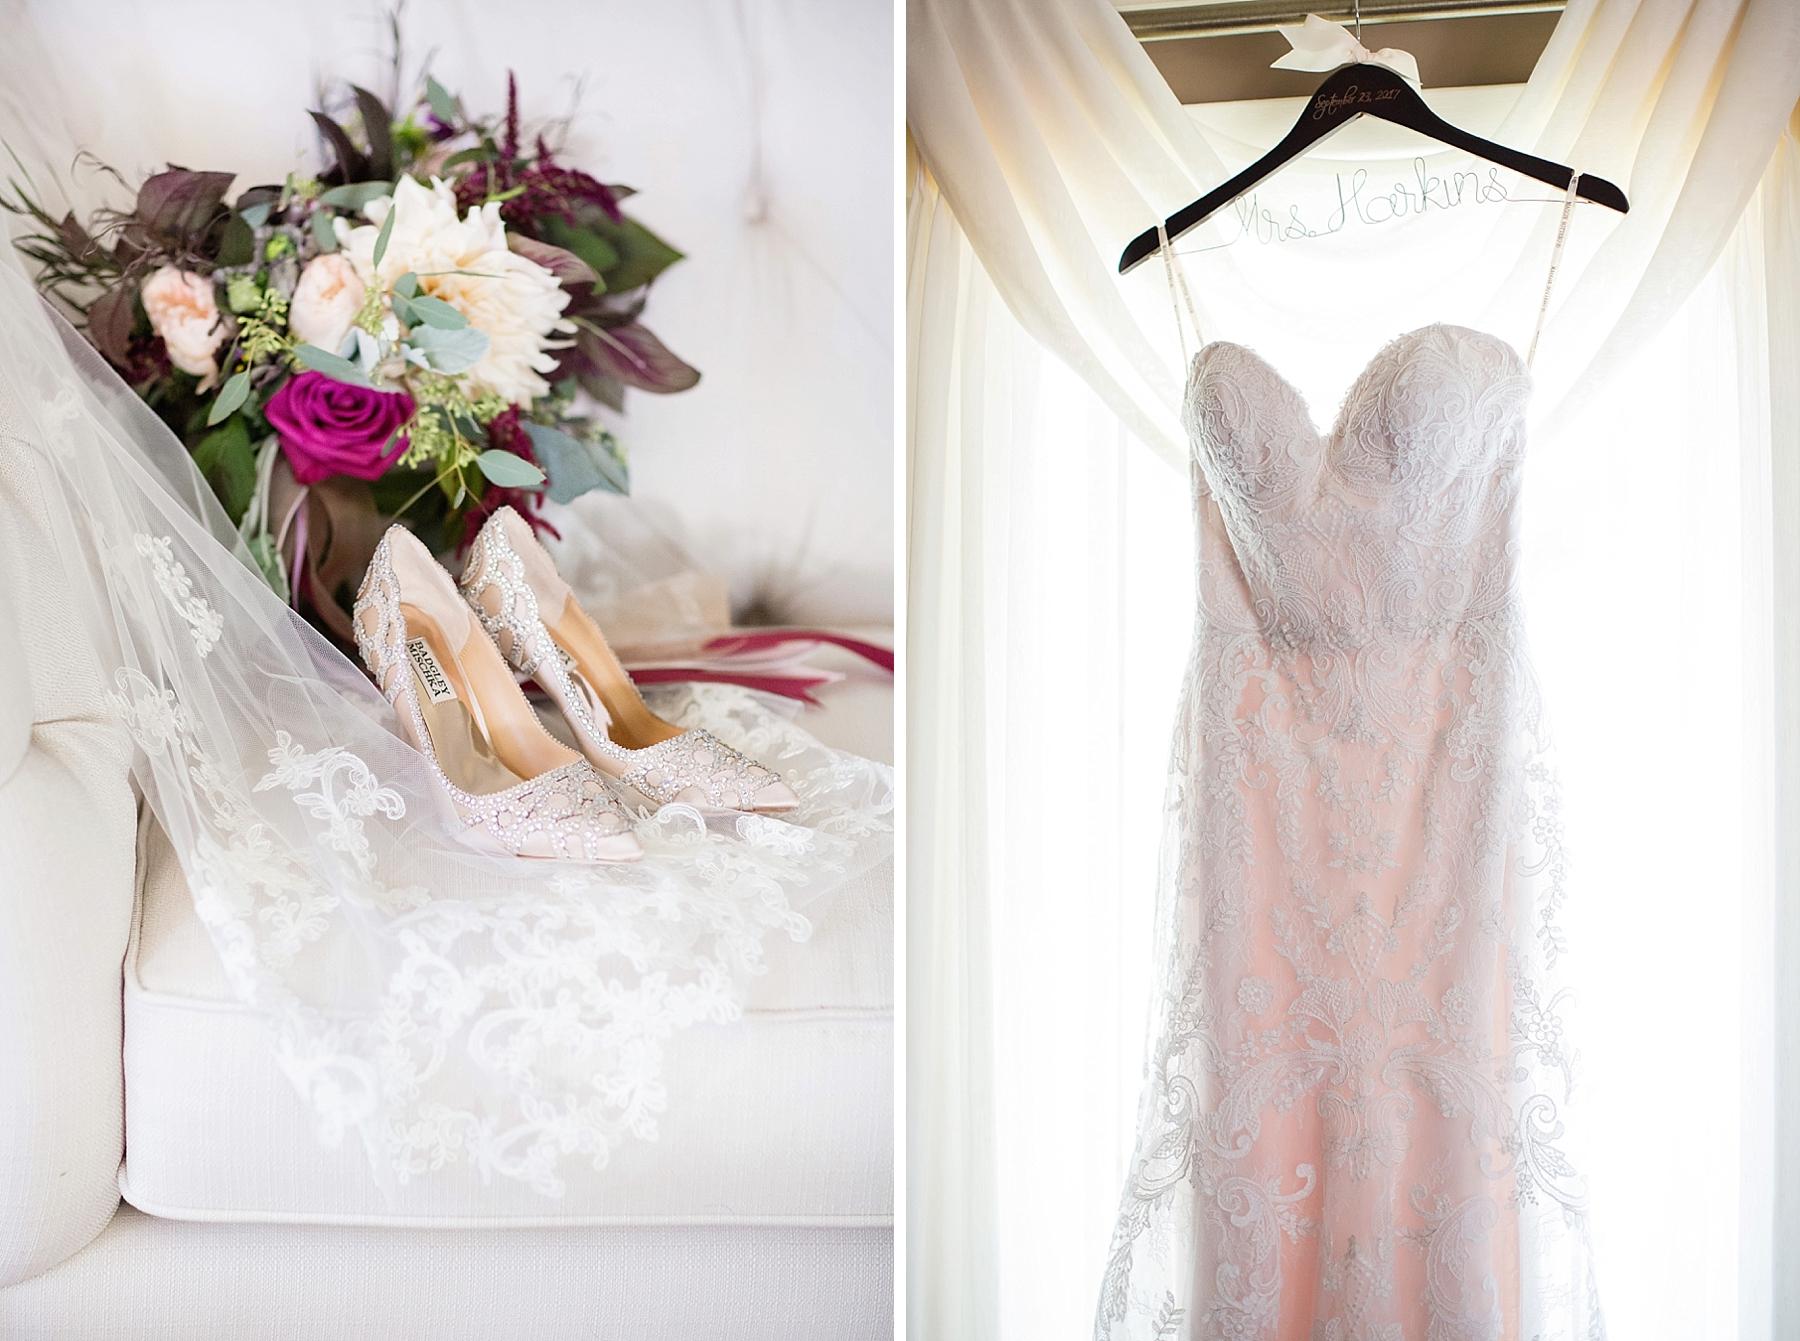 windsor-wedding-photographer-essex-golf-country-club-wedding-eryn-shea-photography_0006.jpg